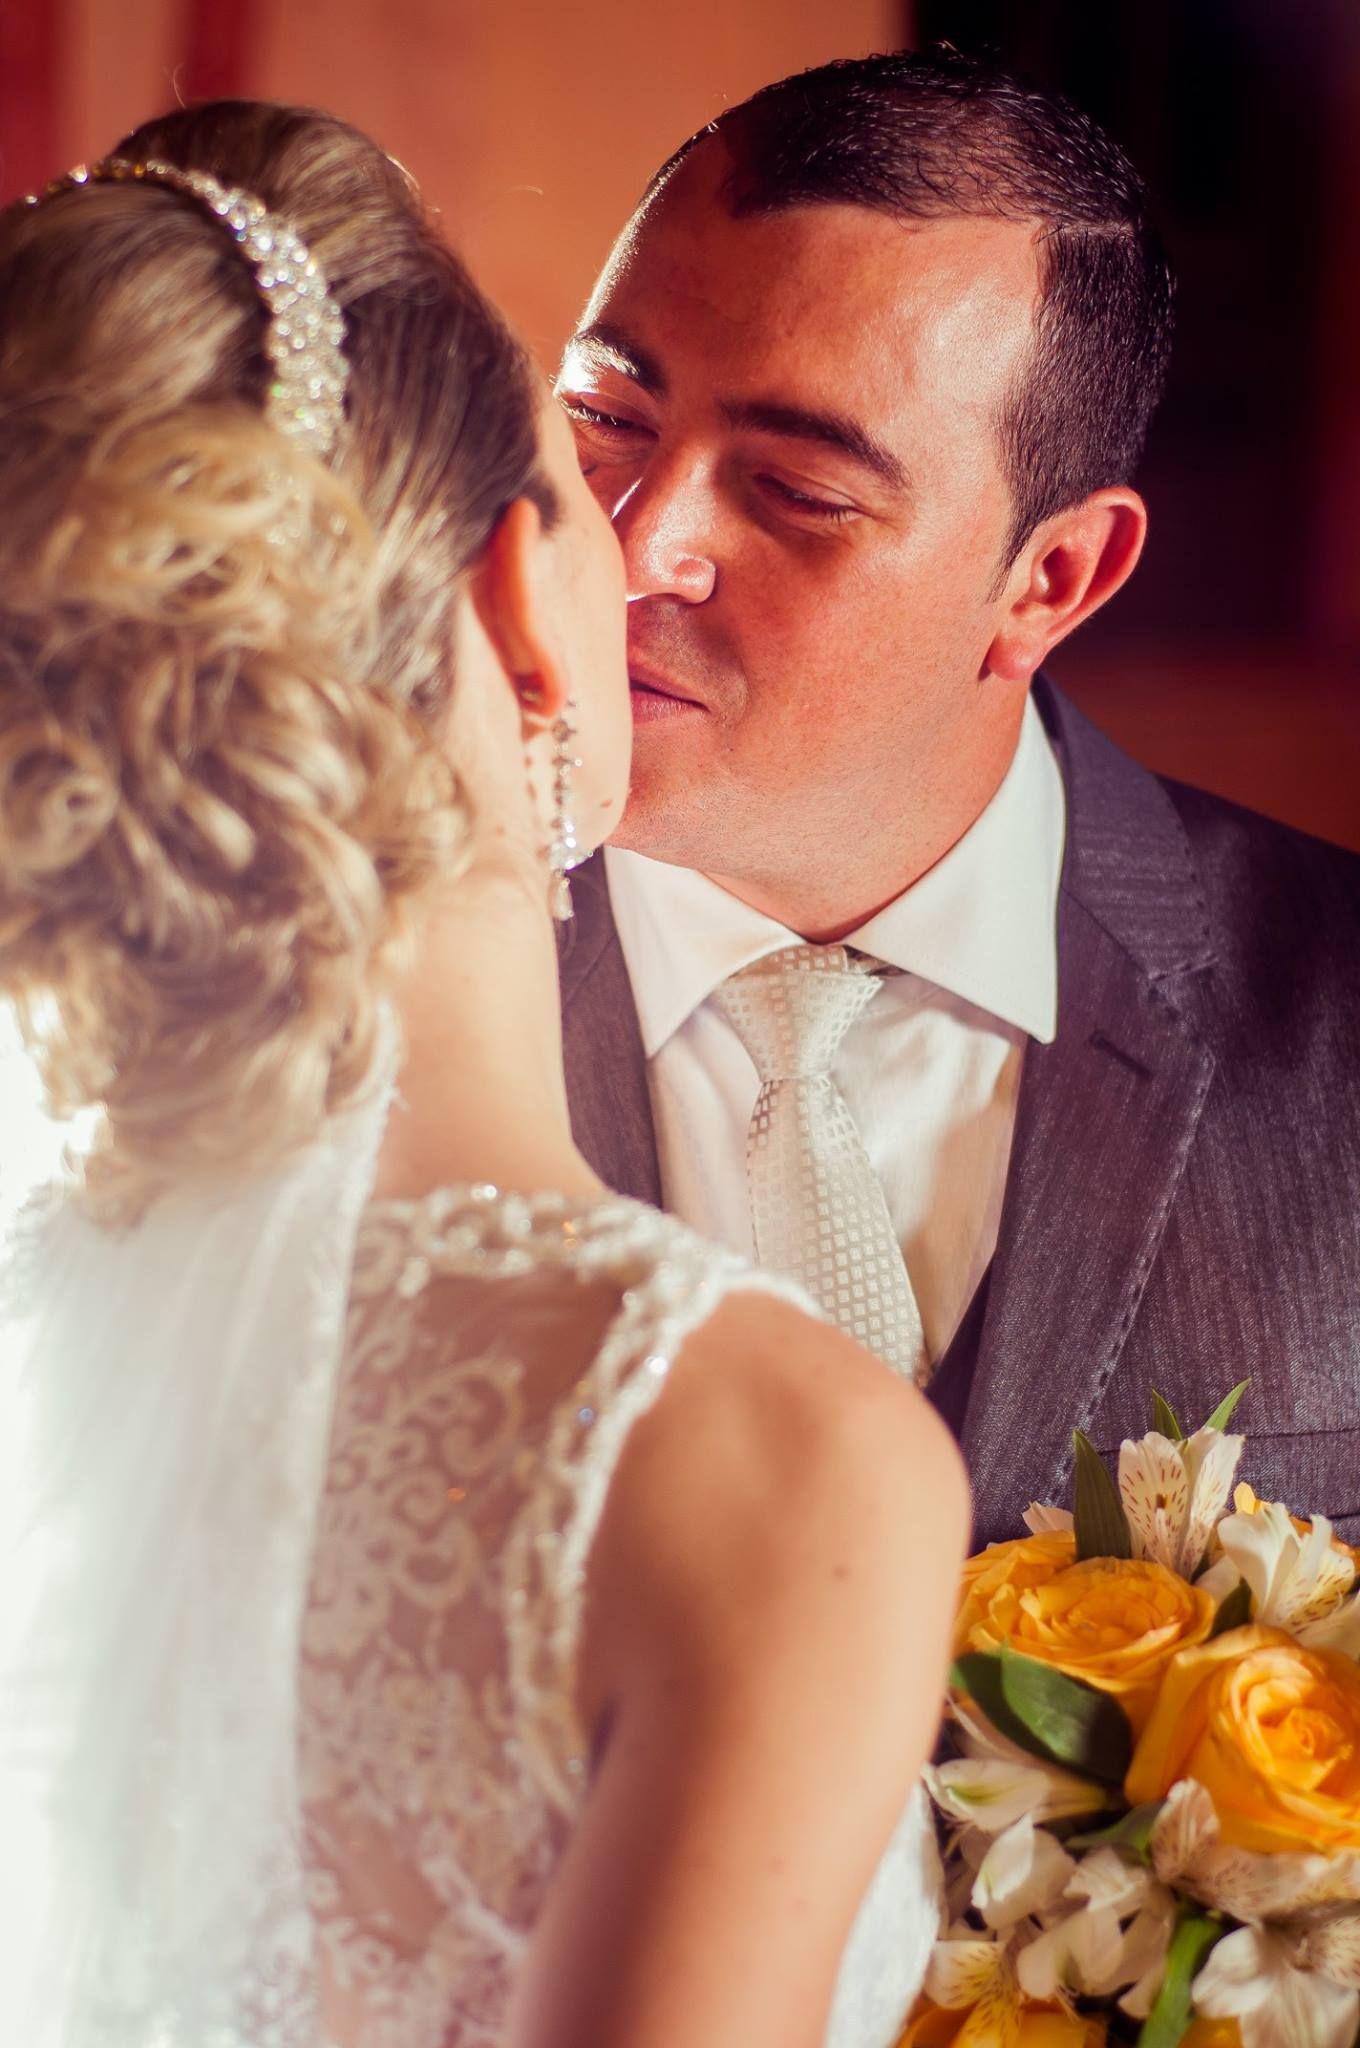 Casamento Fernanda e Juliano - ensaio dos noivos. #estaçãodamemória #joinville #casamentojoinville #noivas #noivasjoinville #fotógrafosjoinville #fotoscasamentojoinville #melloeronsani.